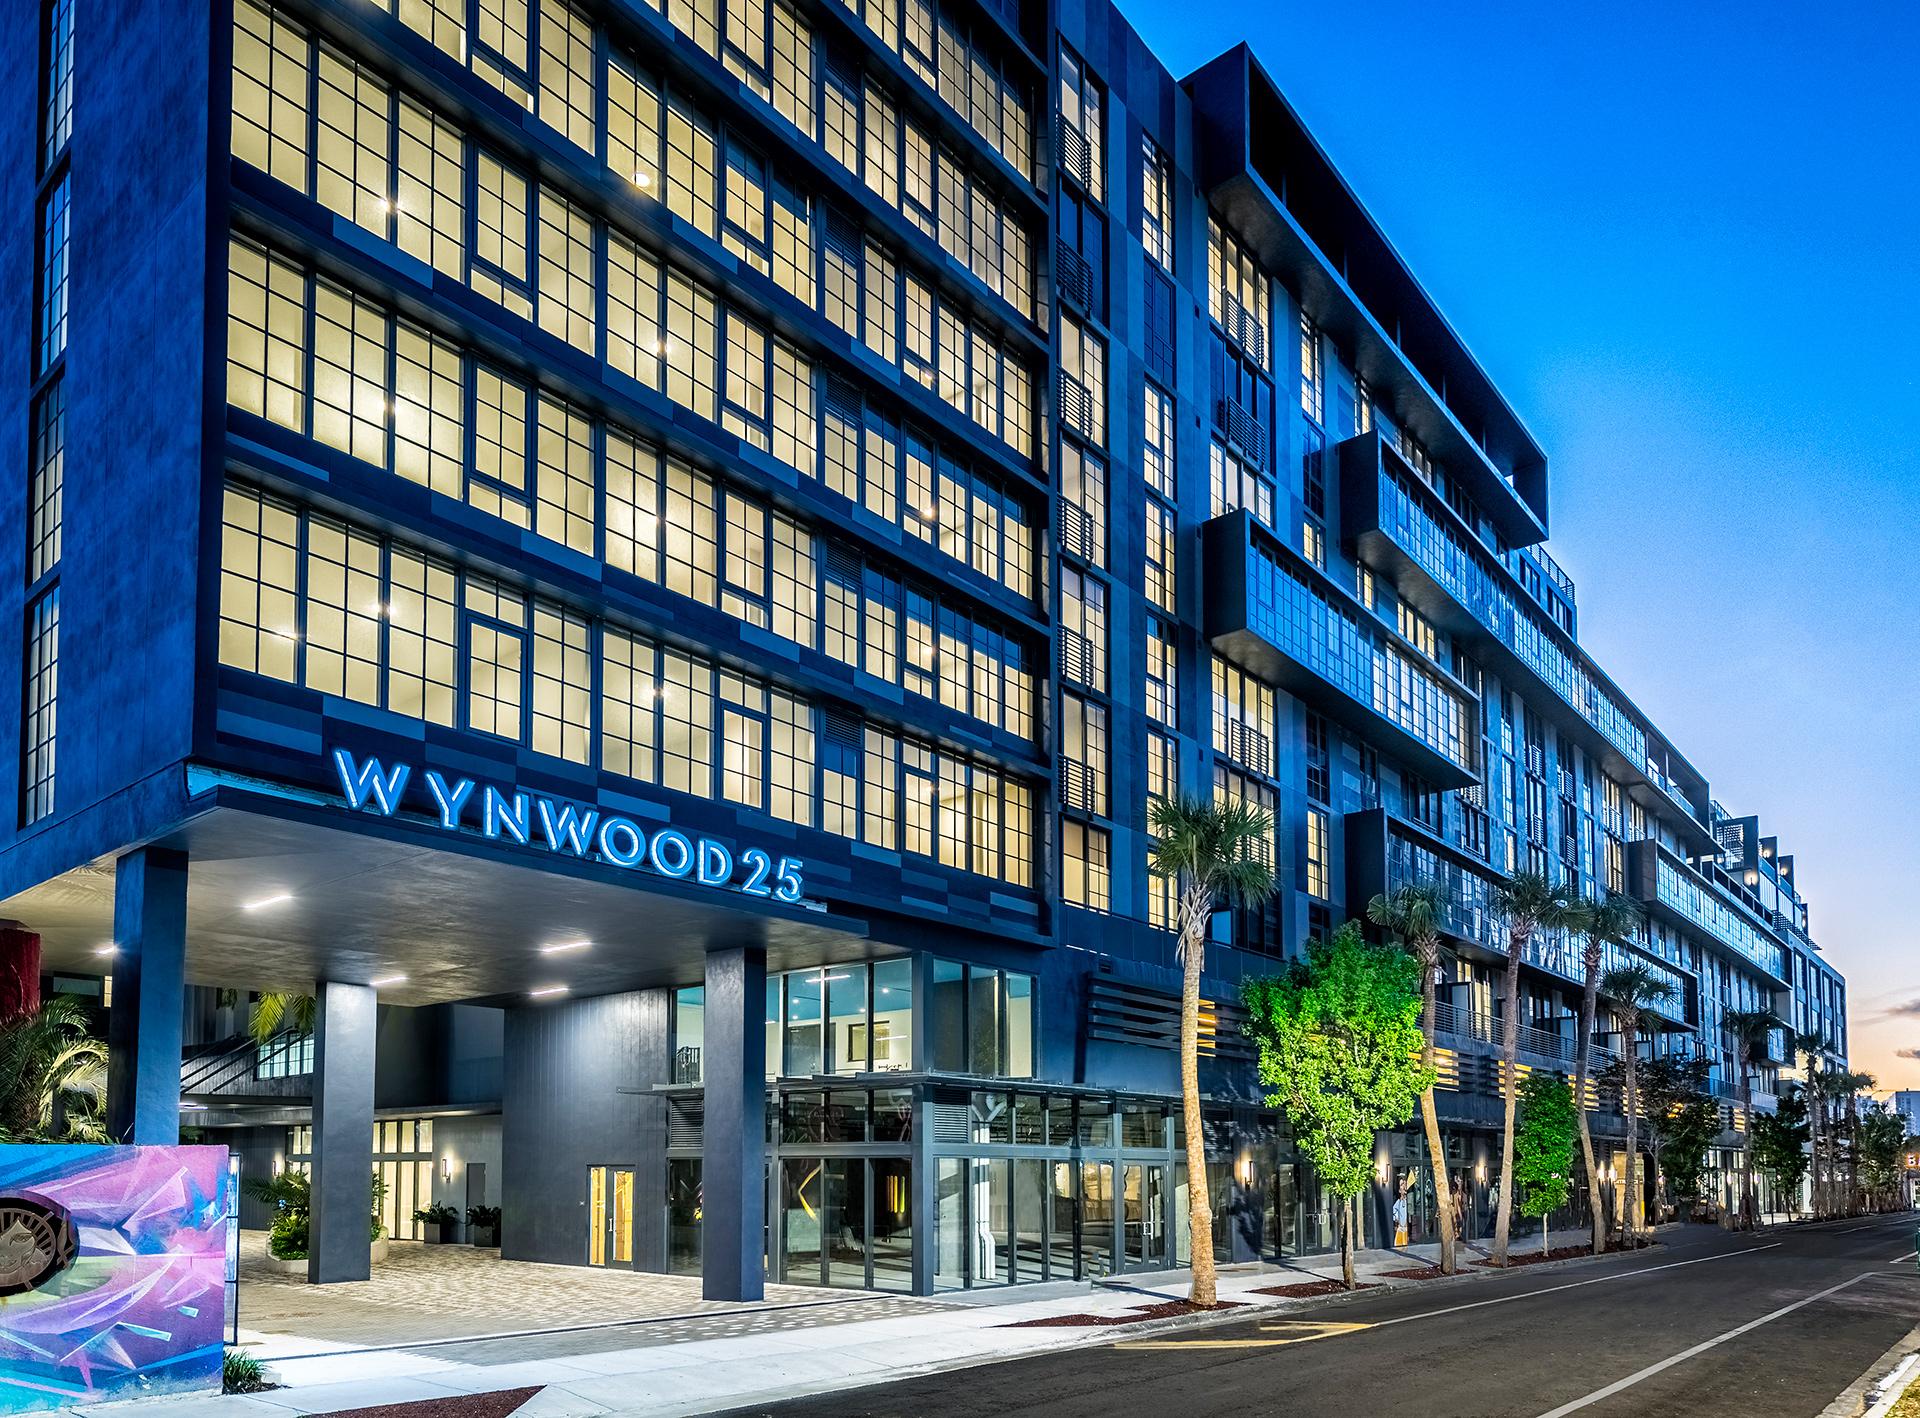 Wynwood 25 building entrance